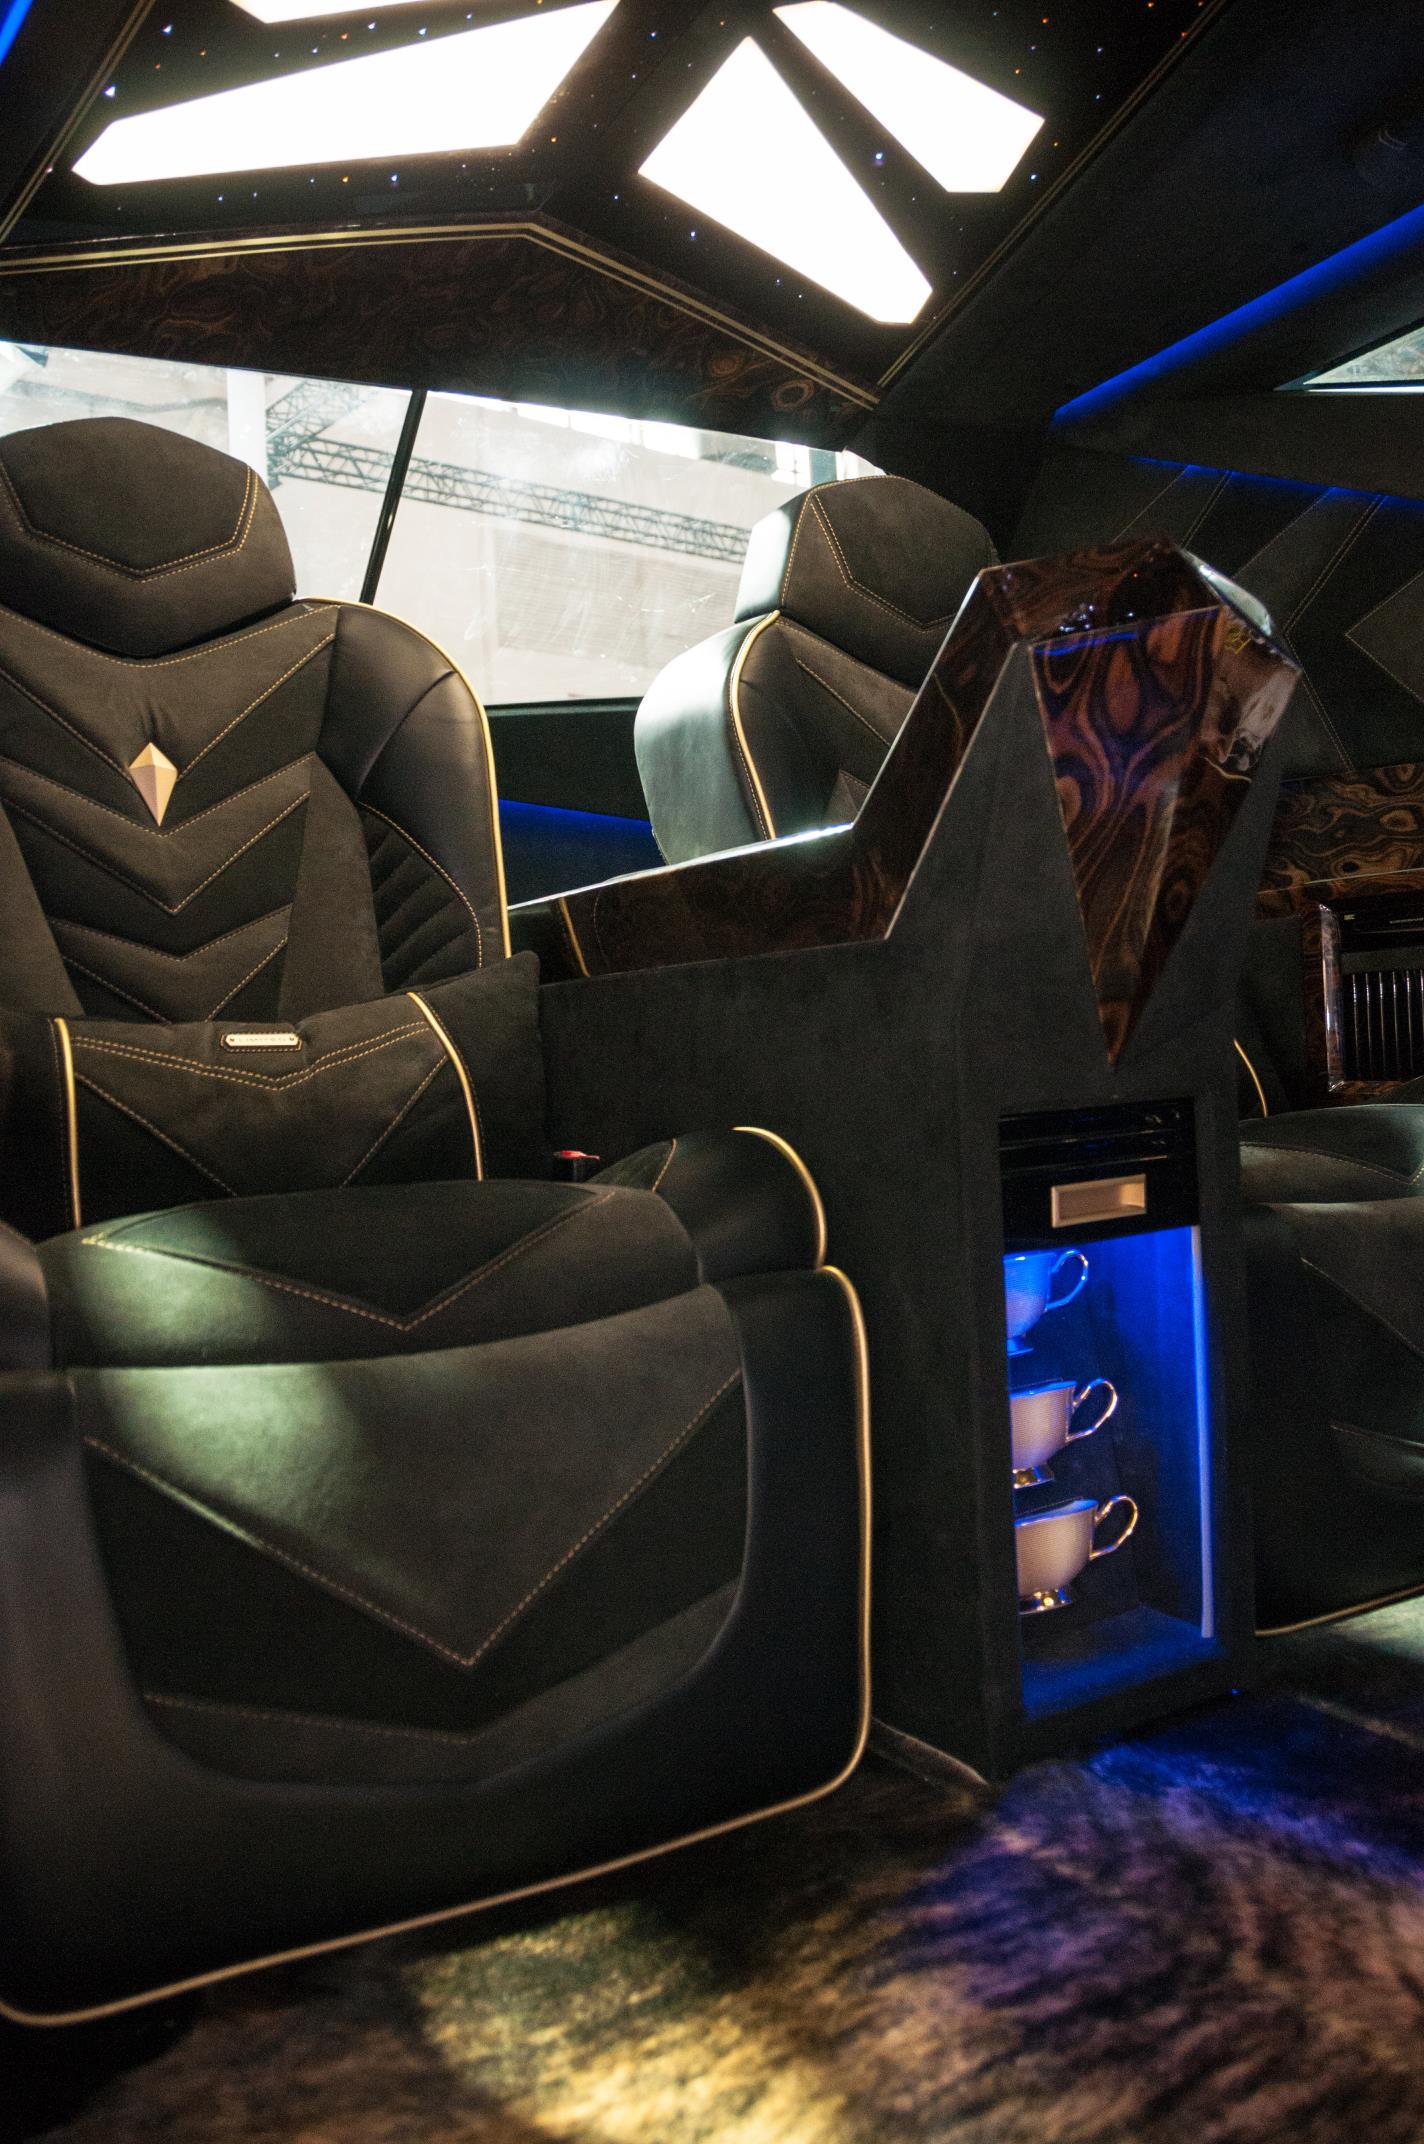 IAT Kalman Debuts In Beijing As 19 Million SUV Based On